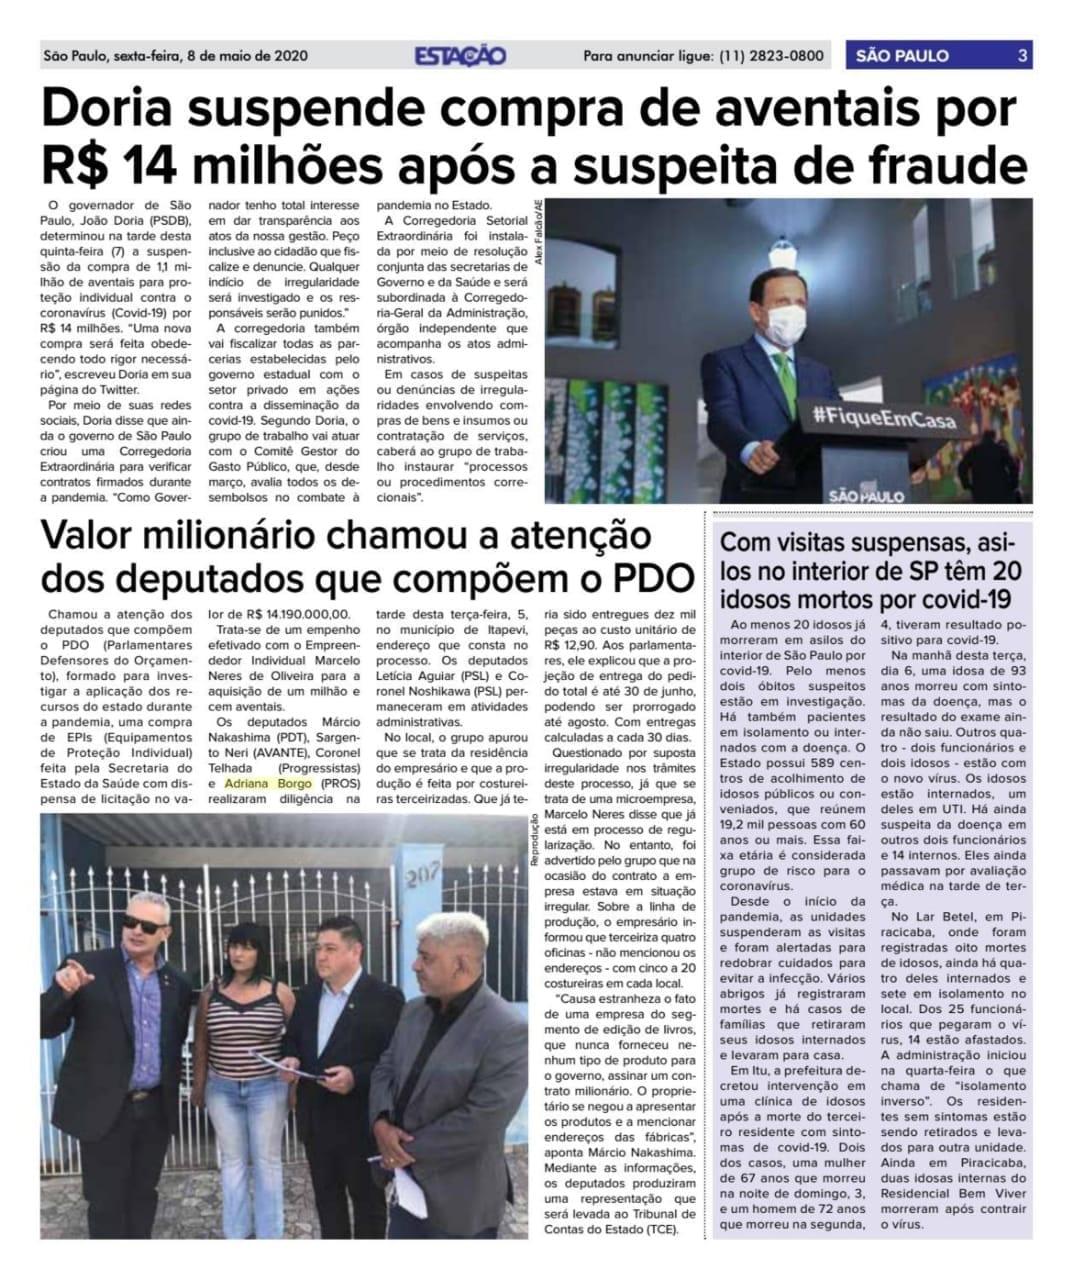 Adriana Borgo - Na Midia - Jornal Estacao - Free Sao Paulo - Zona Norte - 08 de maio de 2020